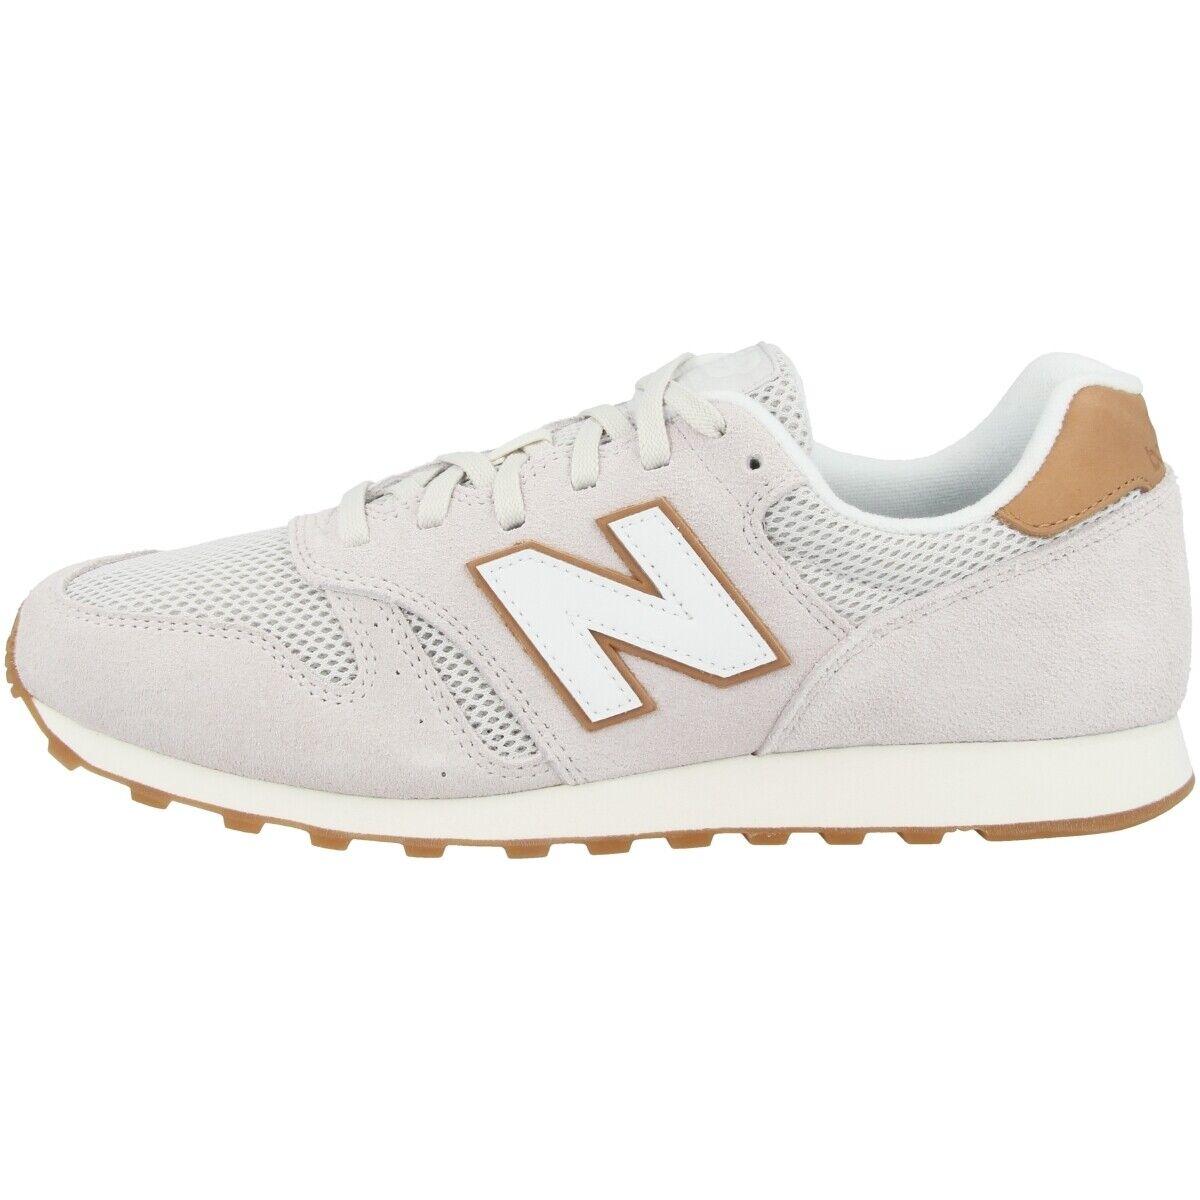 New Balance Ml 373 NBC shoes da Ginnastica per il Tempo Libero Nimbus Nuvola